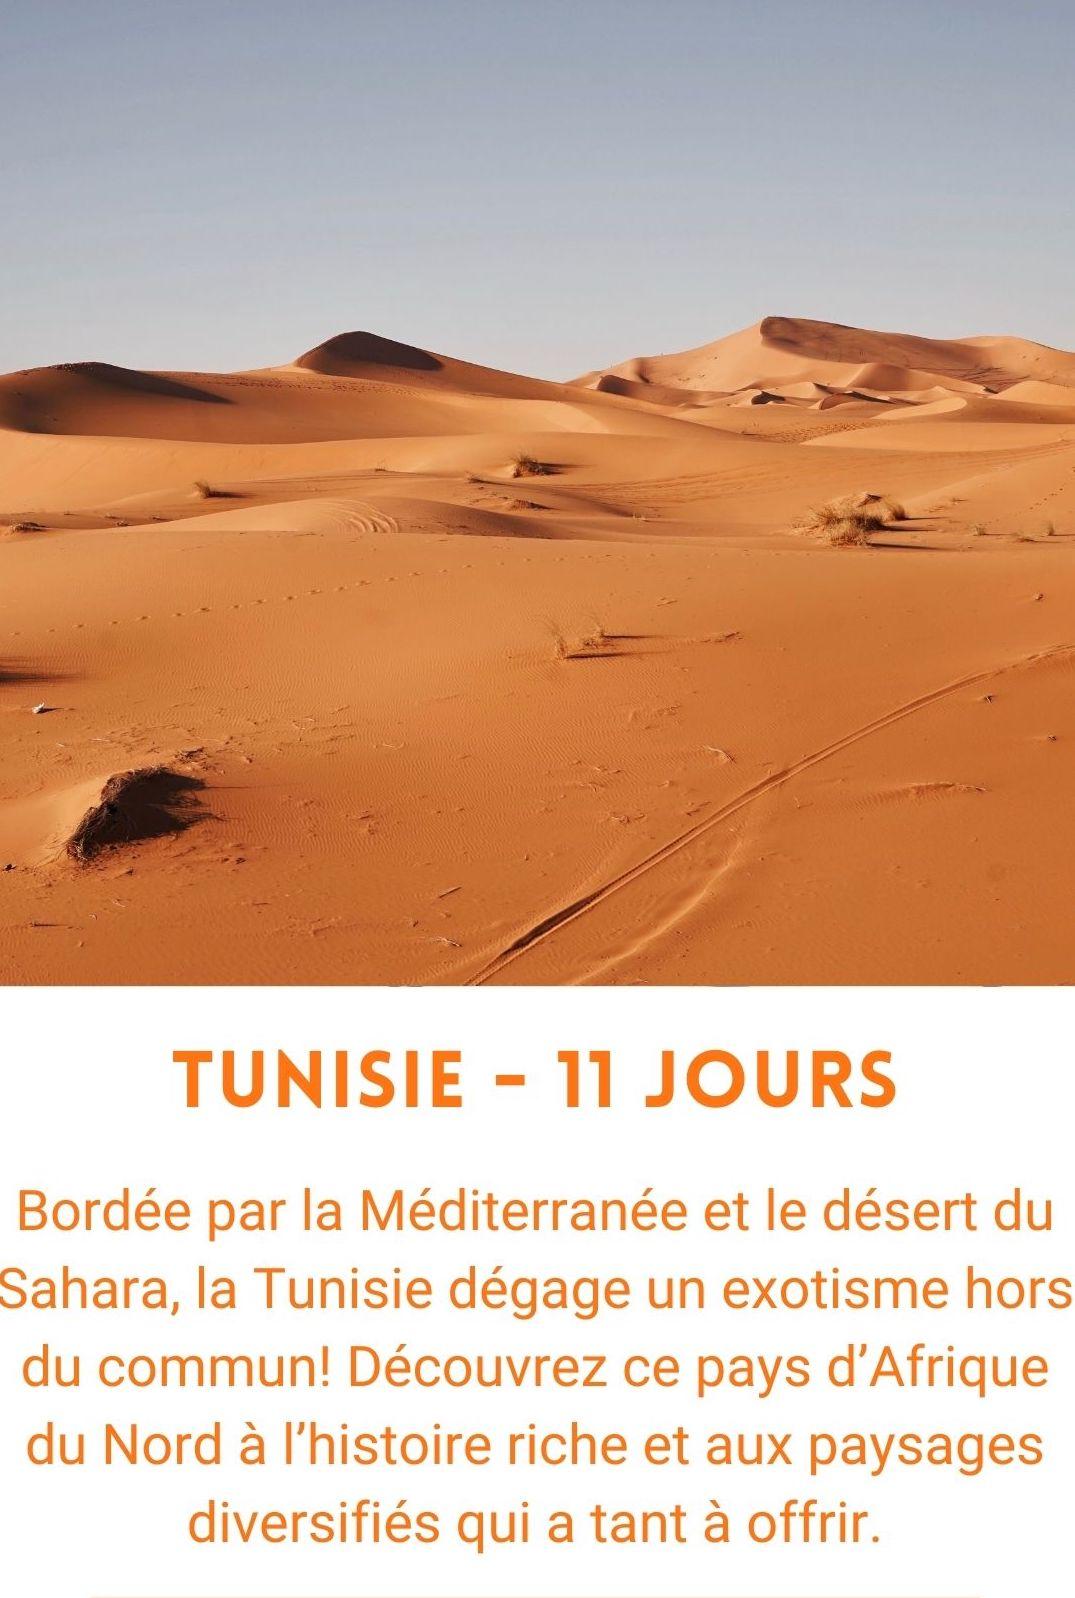 Voyage organisé en Tunisie